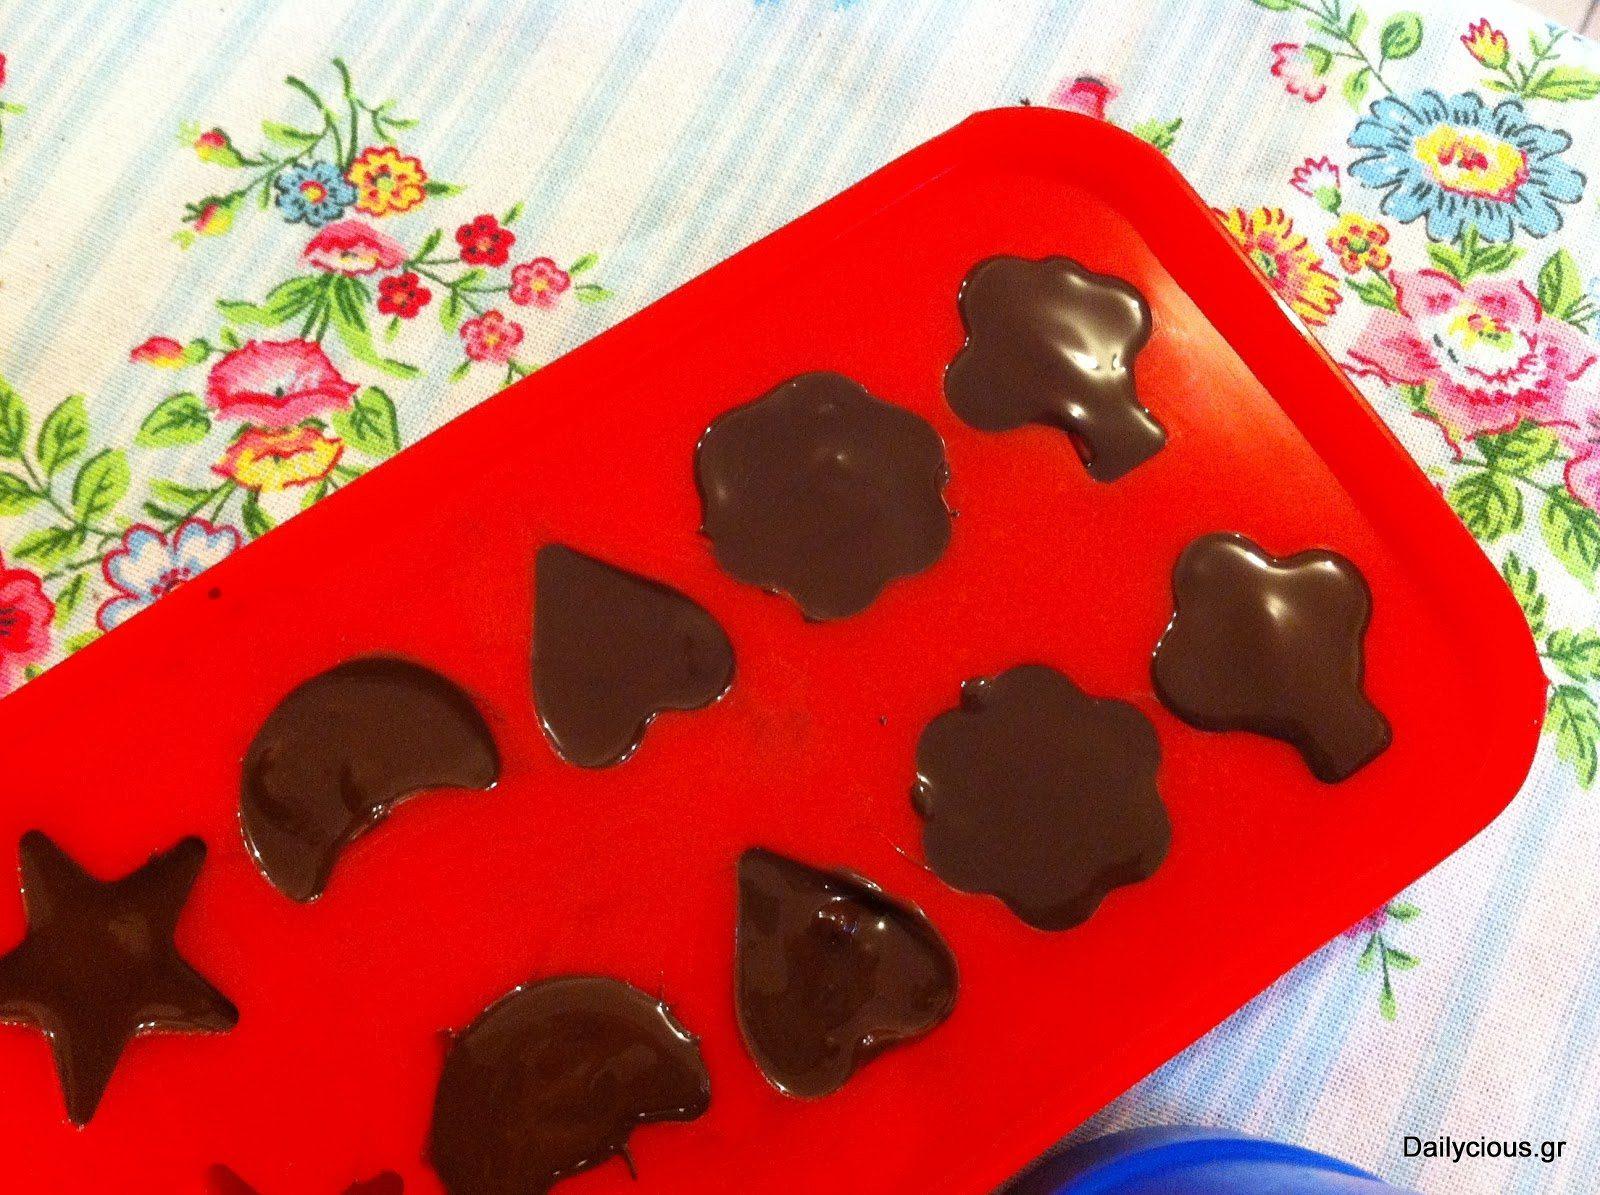 Καλύπτω με την υπόλοιπη σοκολάτα.